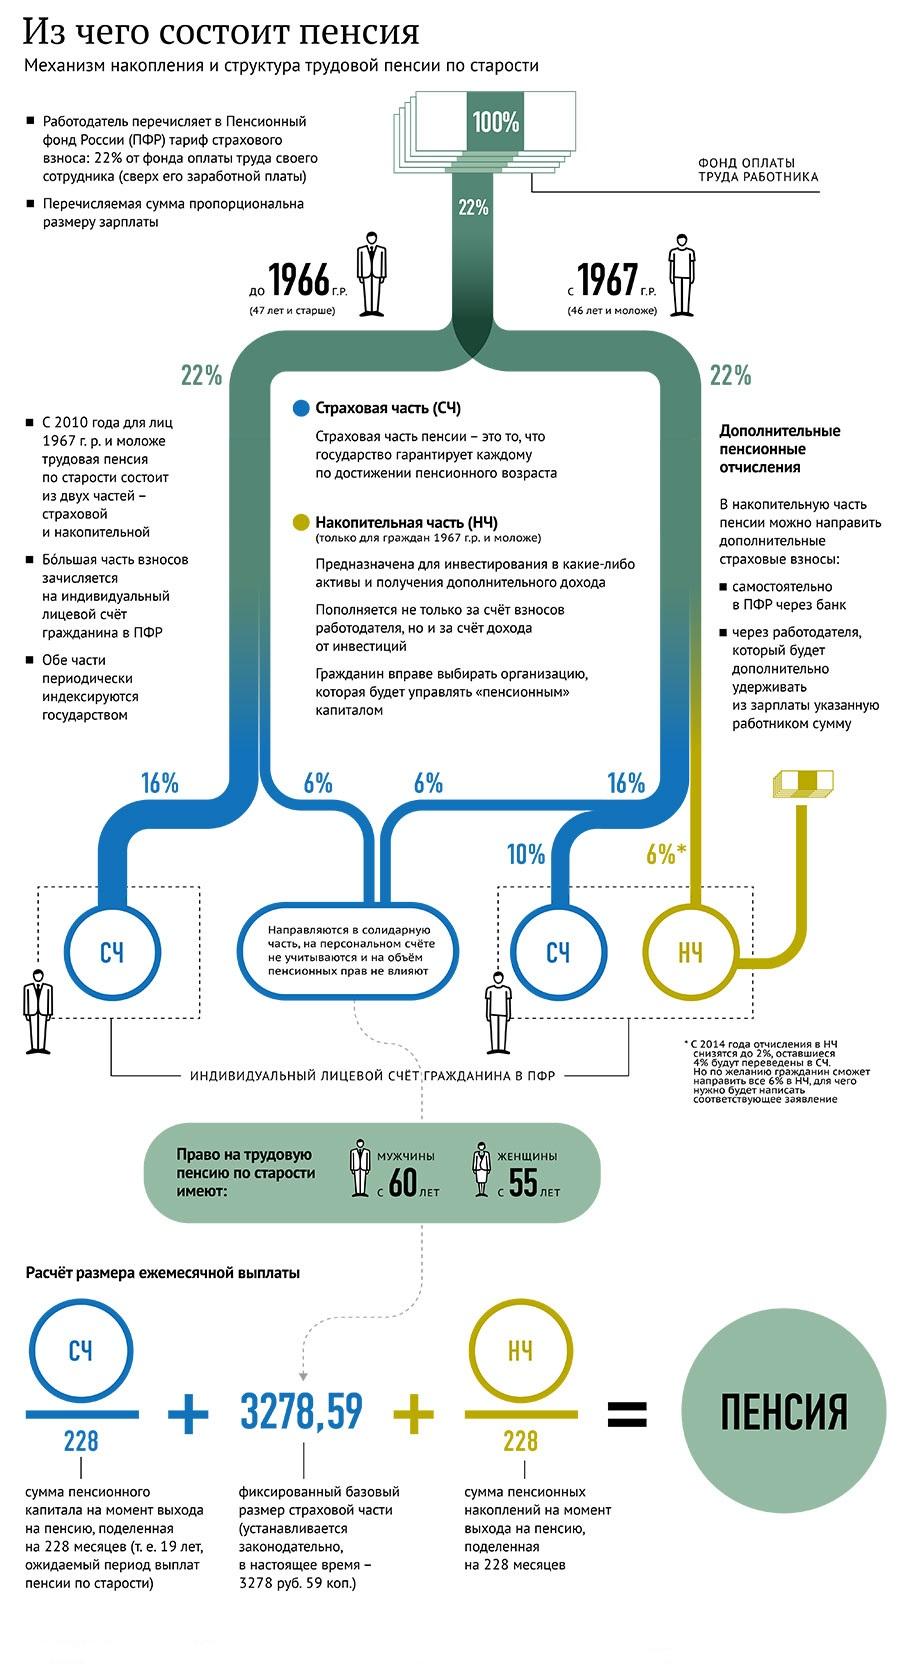 схема распределения пенсии